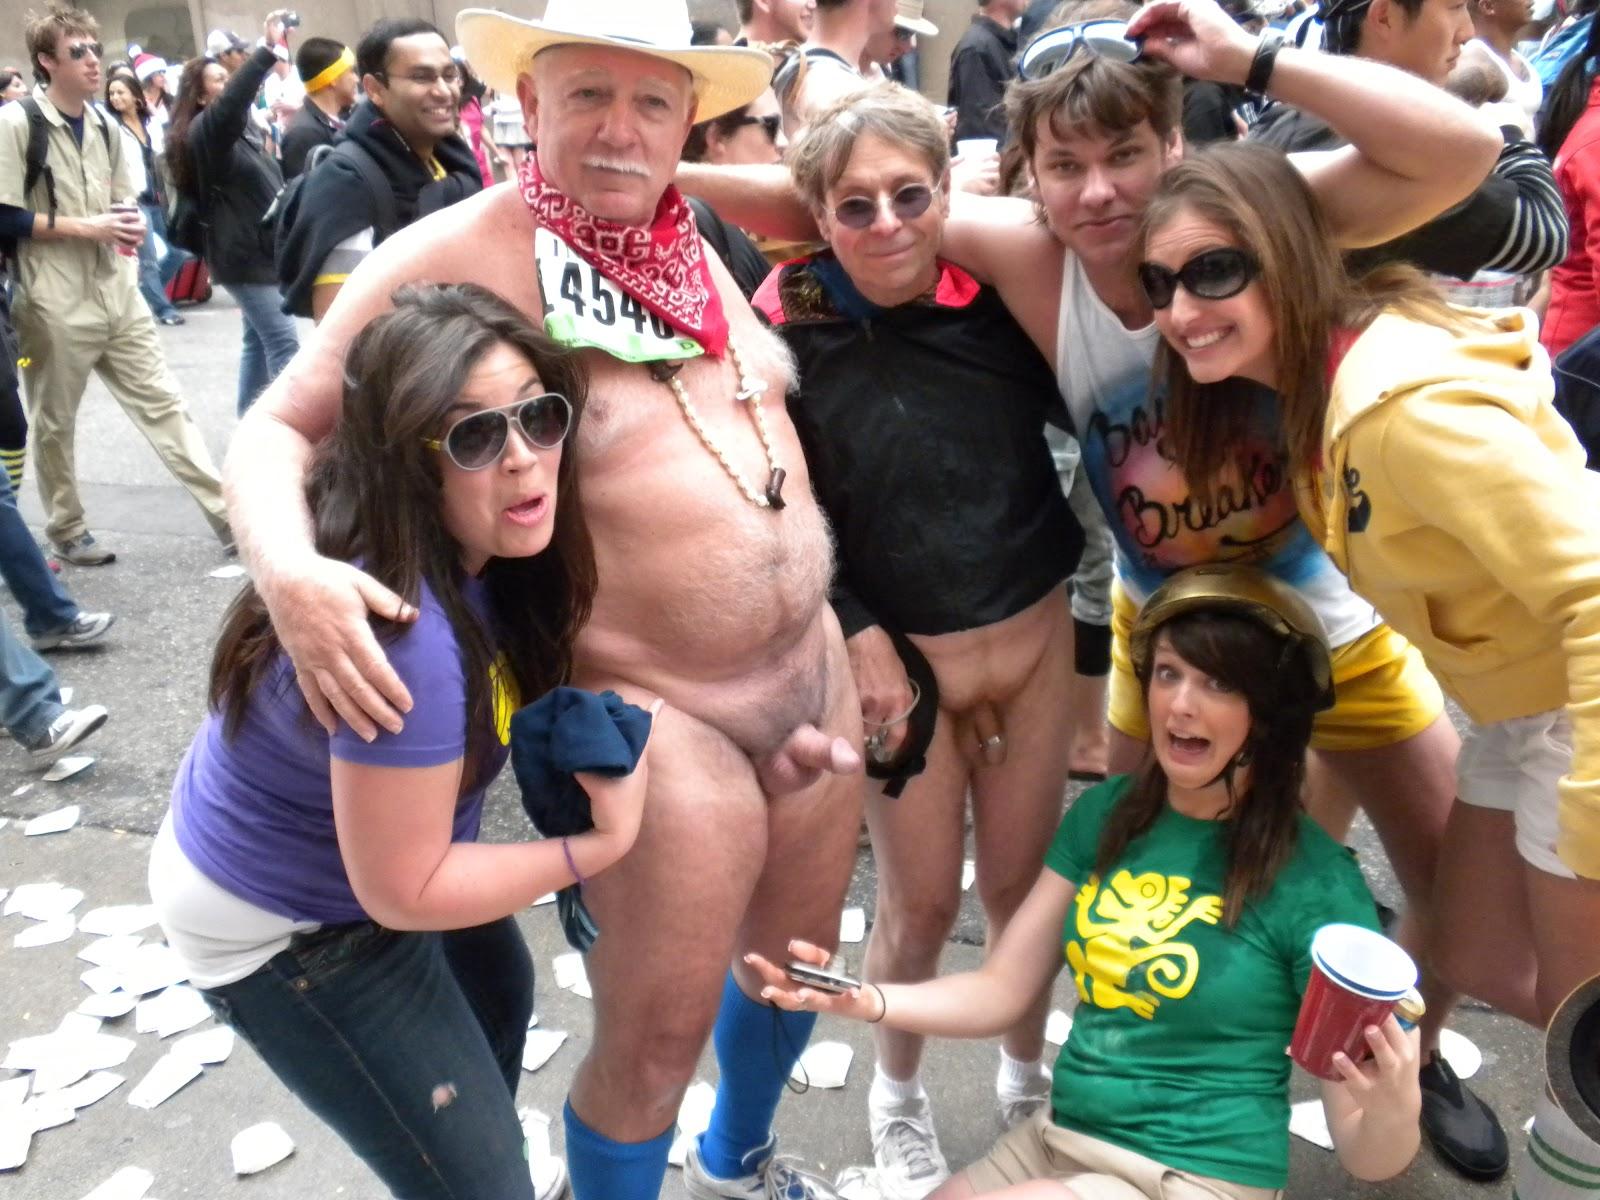 Image search: nude grandpa